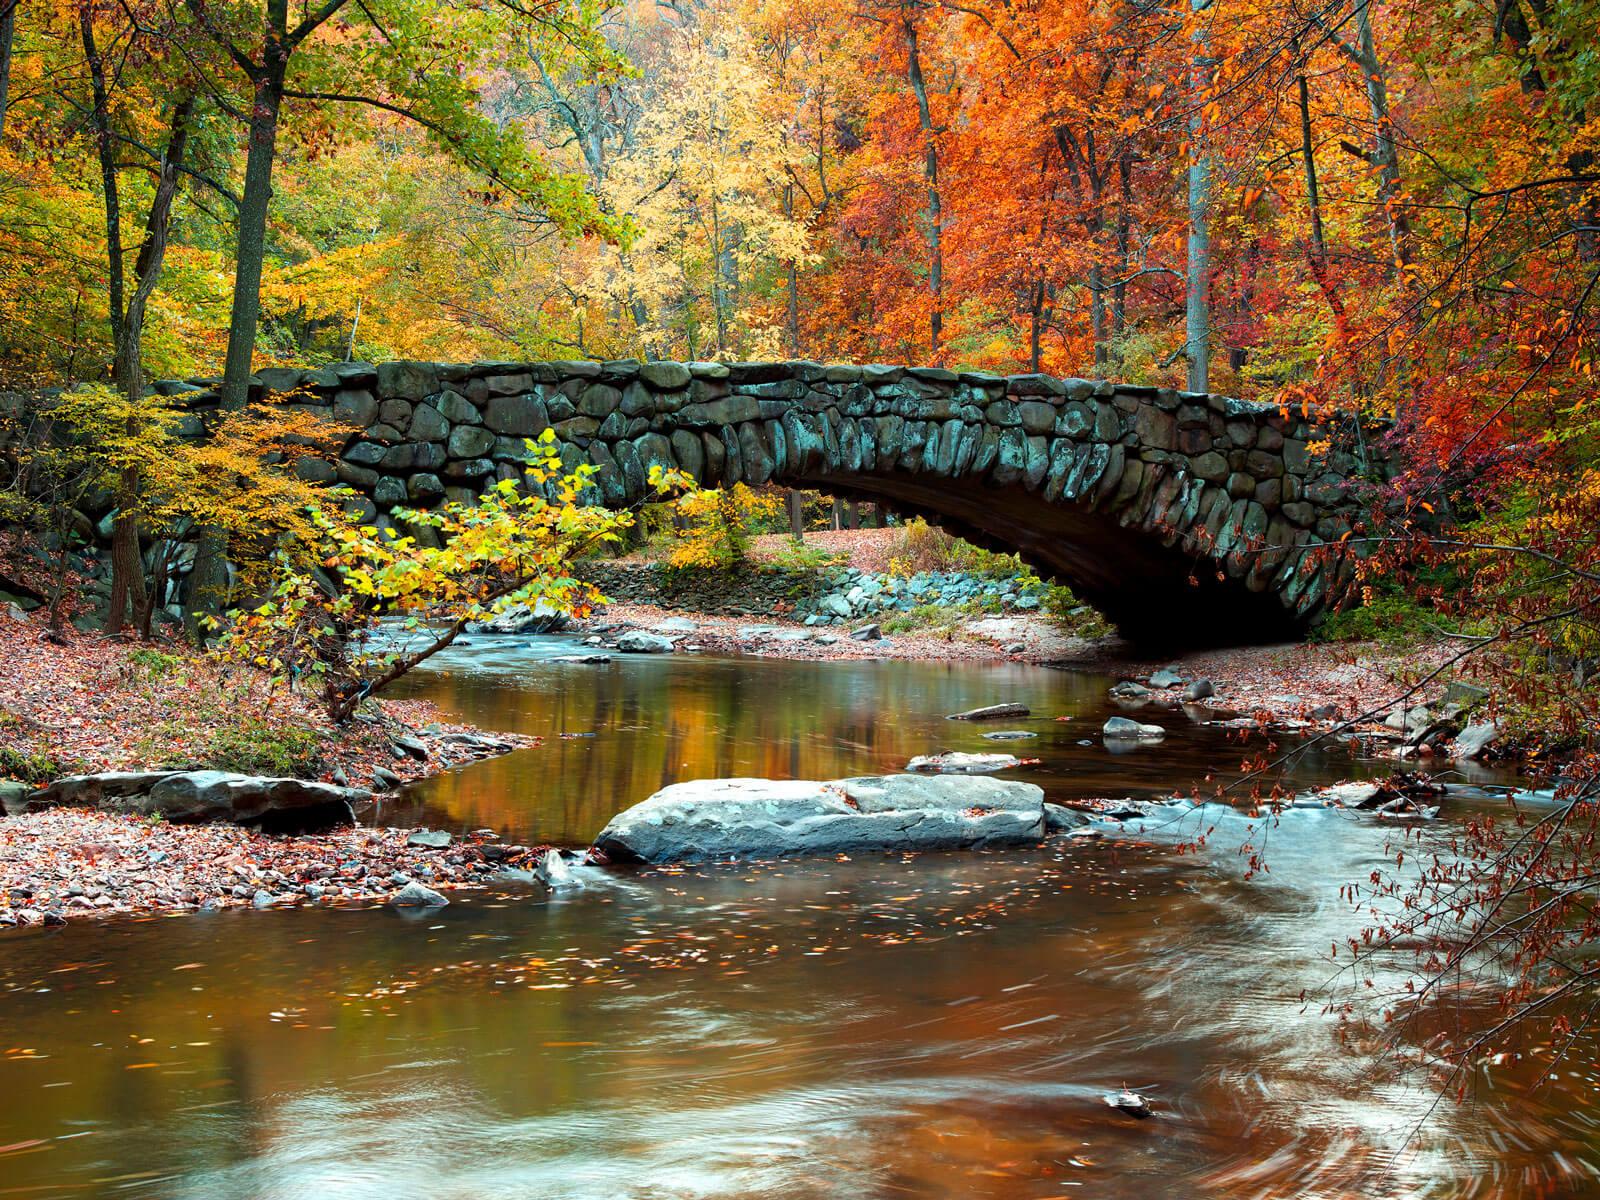 stone bridge over creek